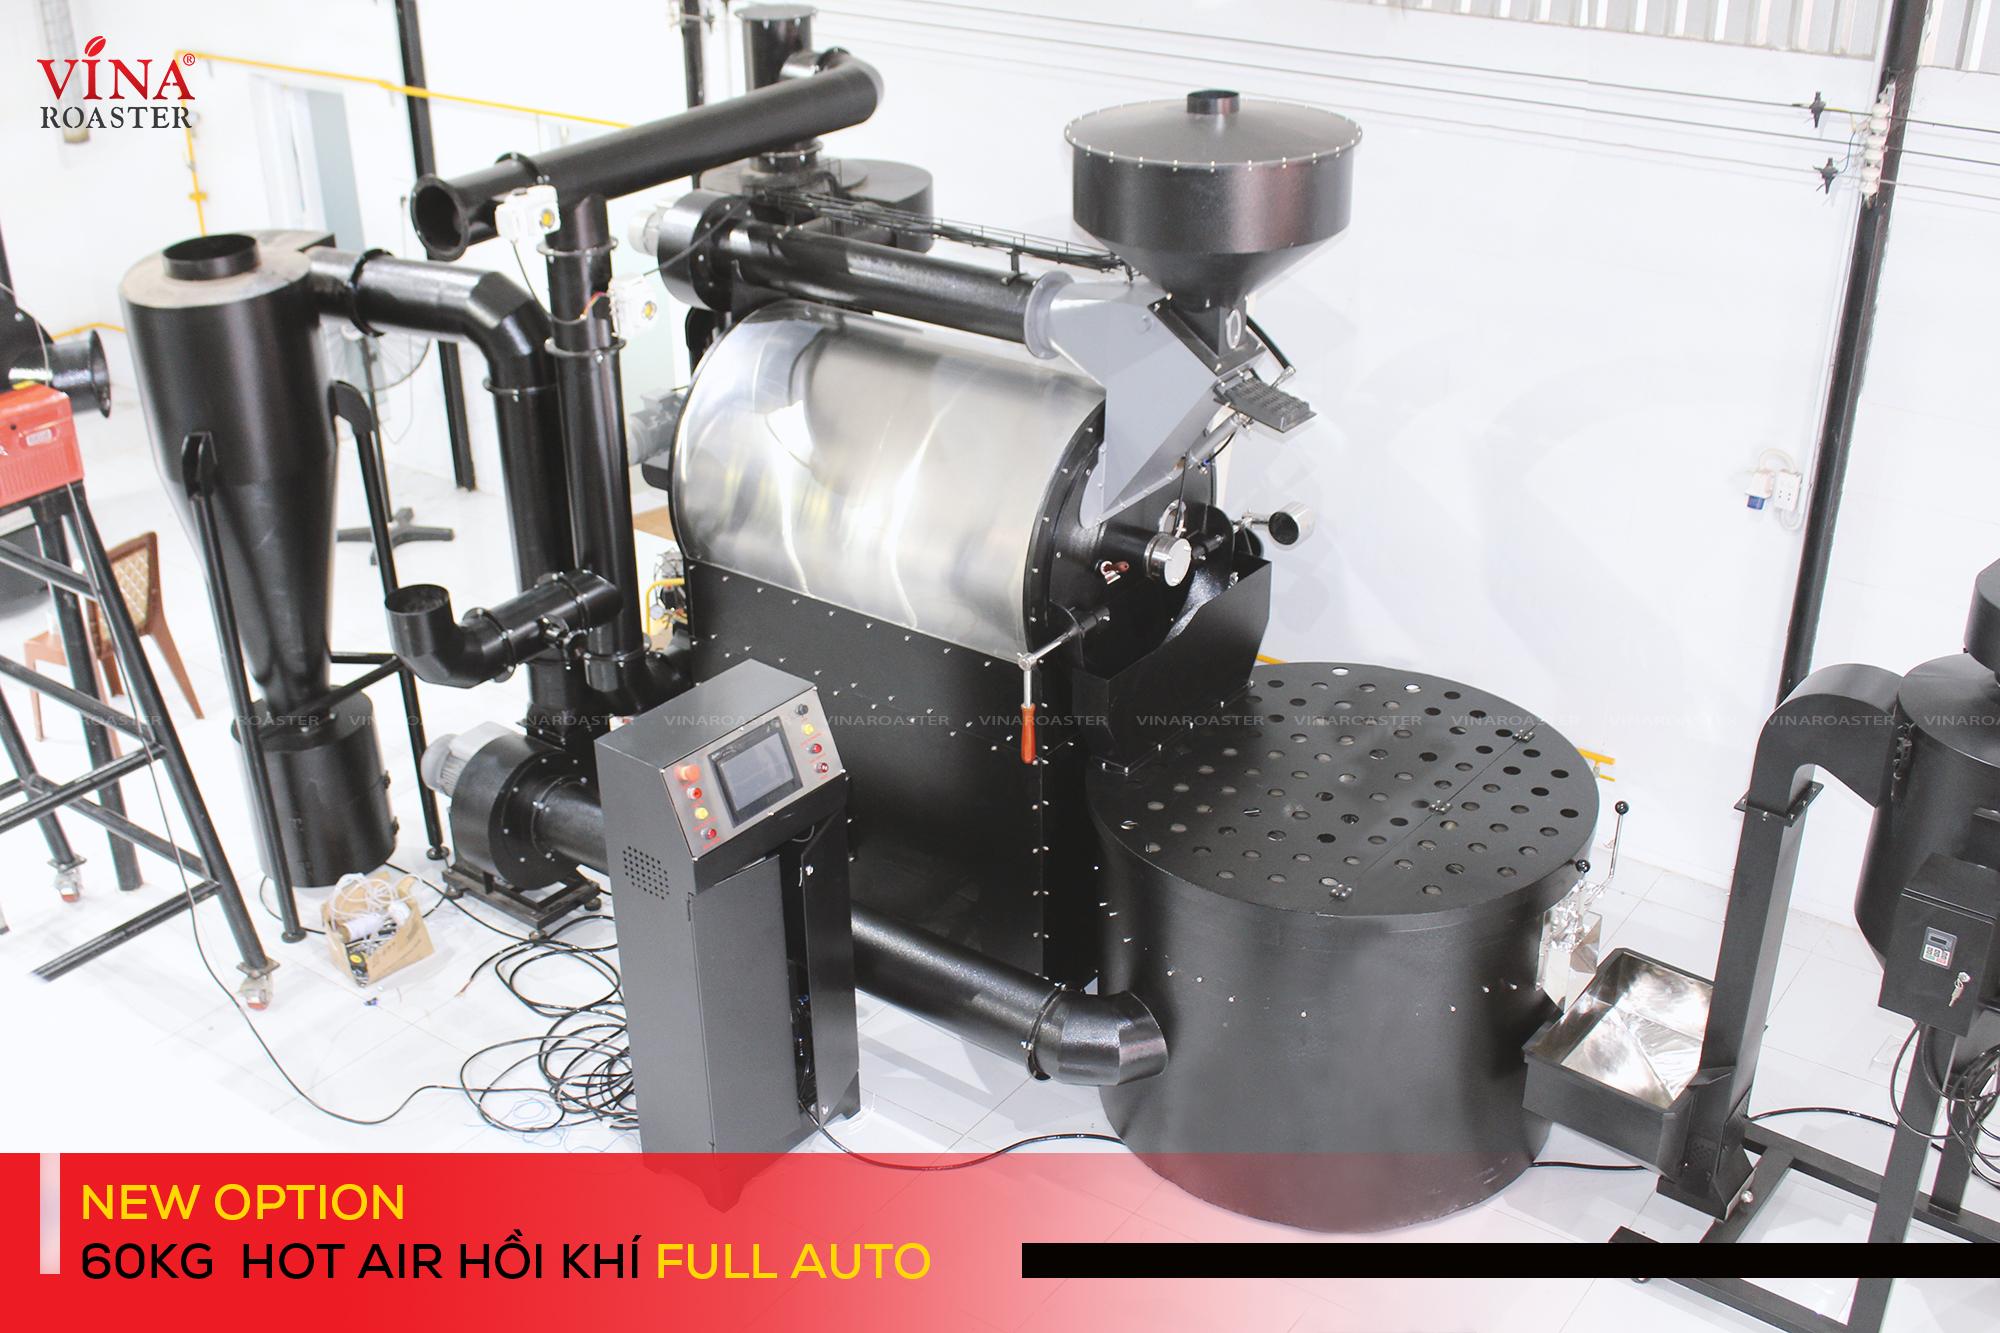 Máy rang cafe automatic công suất 60kg hot air hồi khí Vina Roaster